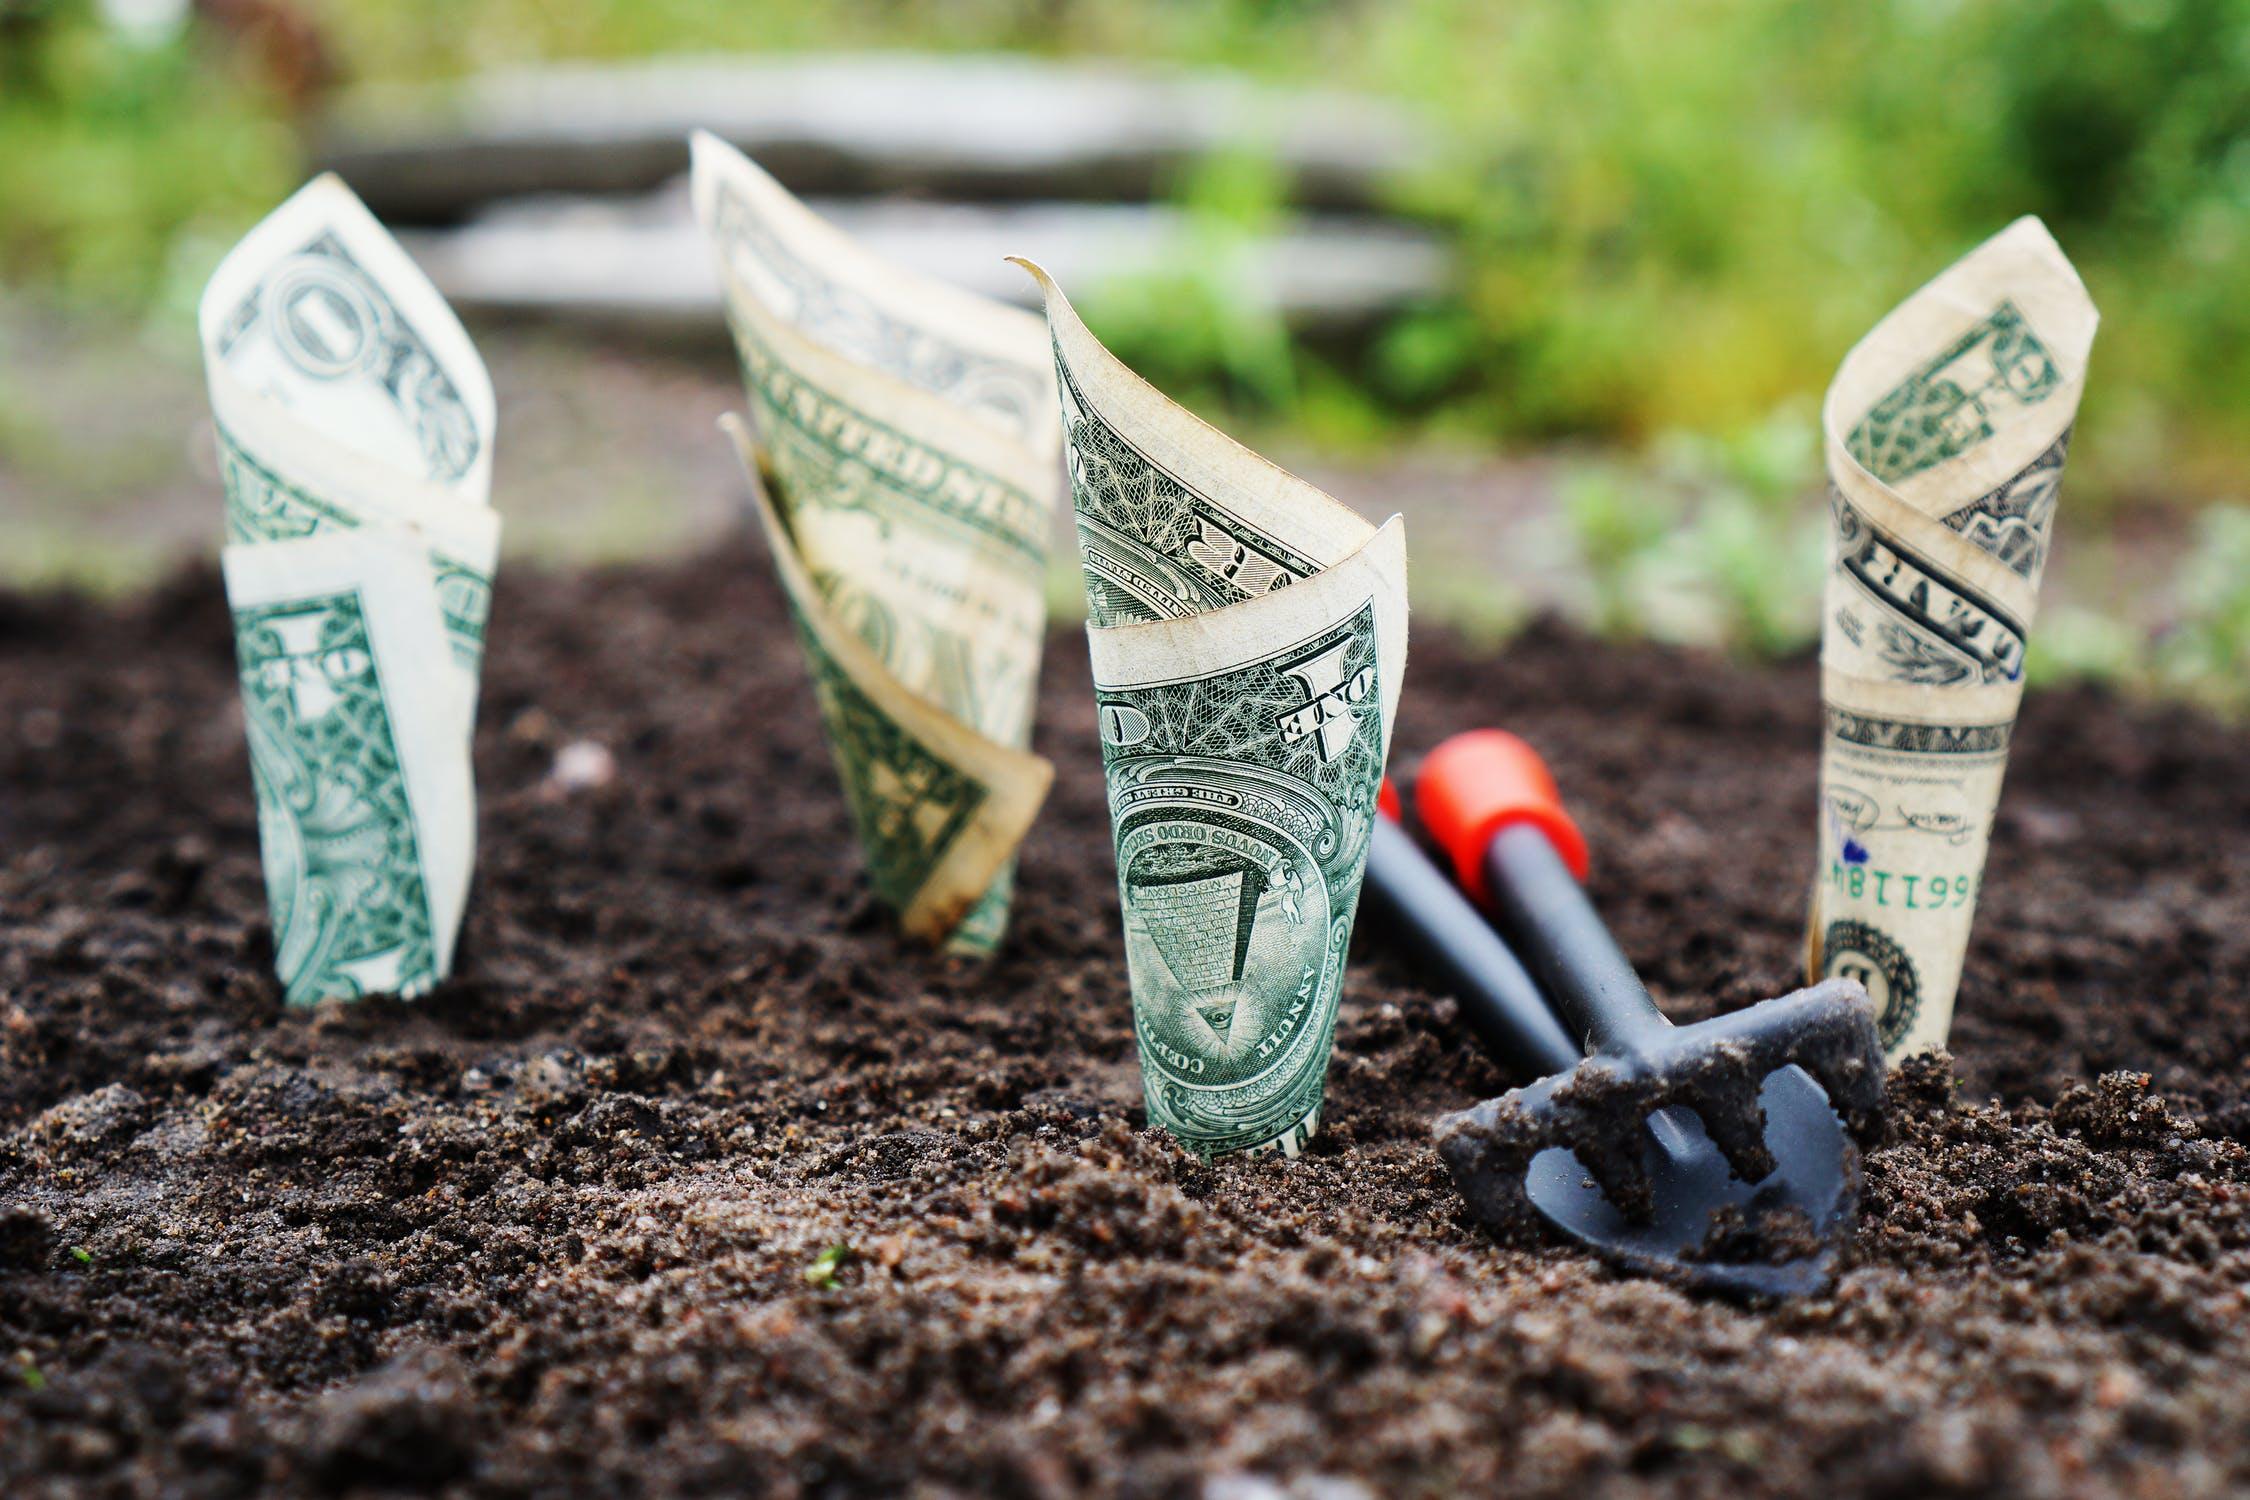 rețea suplimentară de câștig de venituri